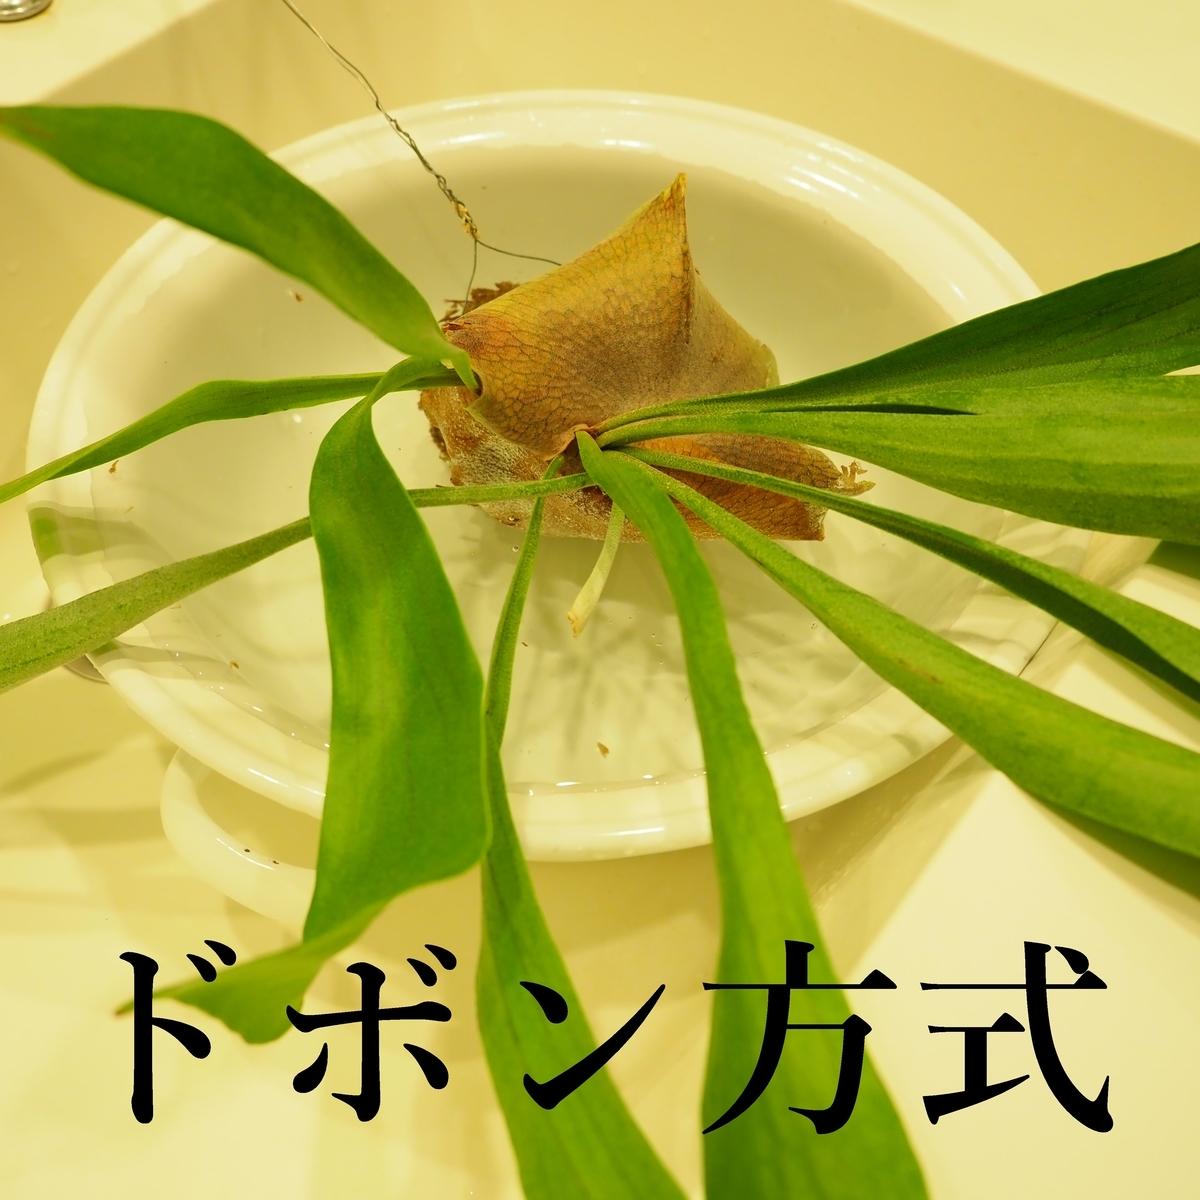 f:id:shokubutsuzoku:20190521101839j:plain